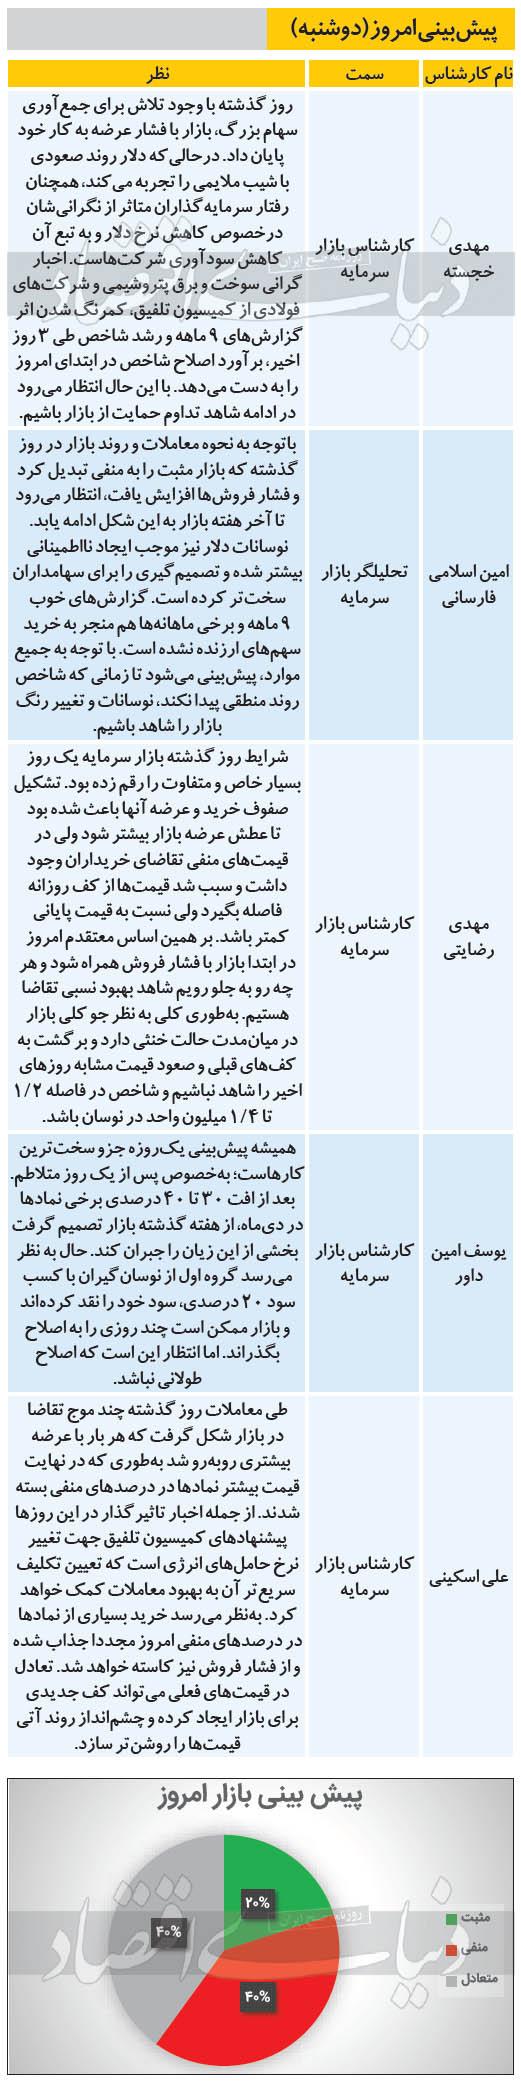 تردید کارشناسان درباره بورس امروز (۹۹/۱۱/۰۶)